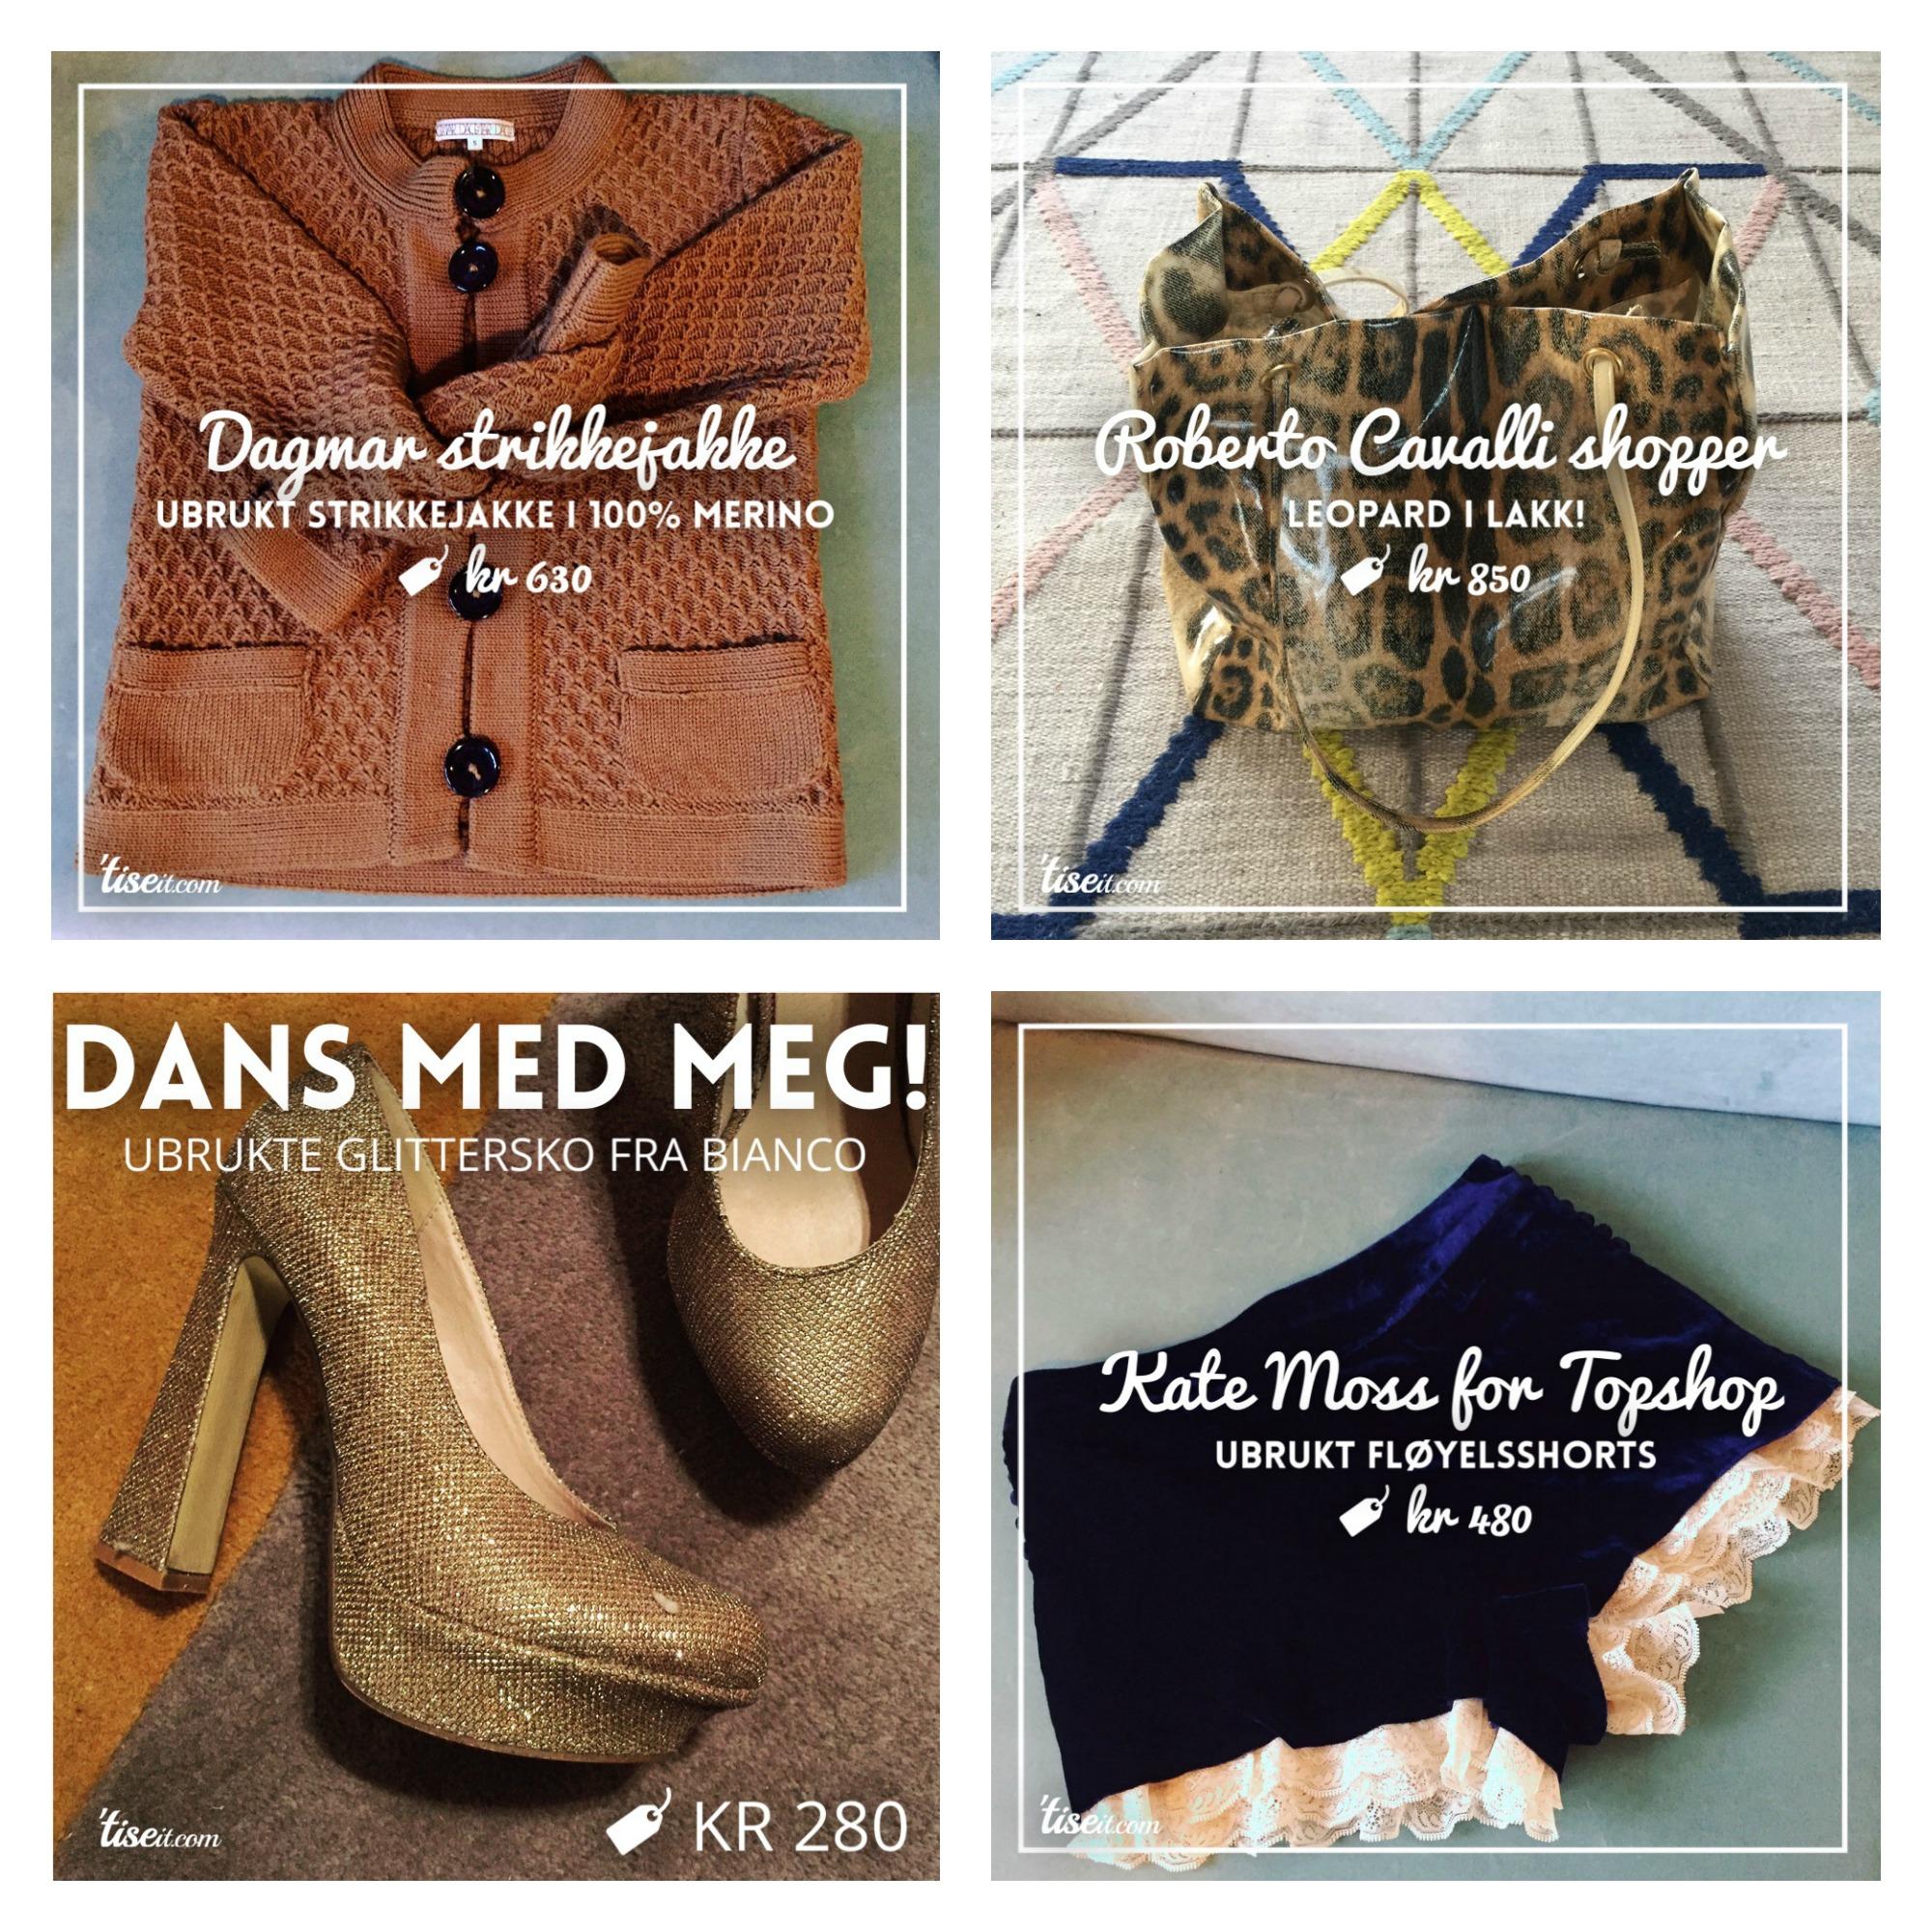 tise-collage-dagmar-cavalli-pumps-velvet-kate-moss